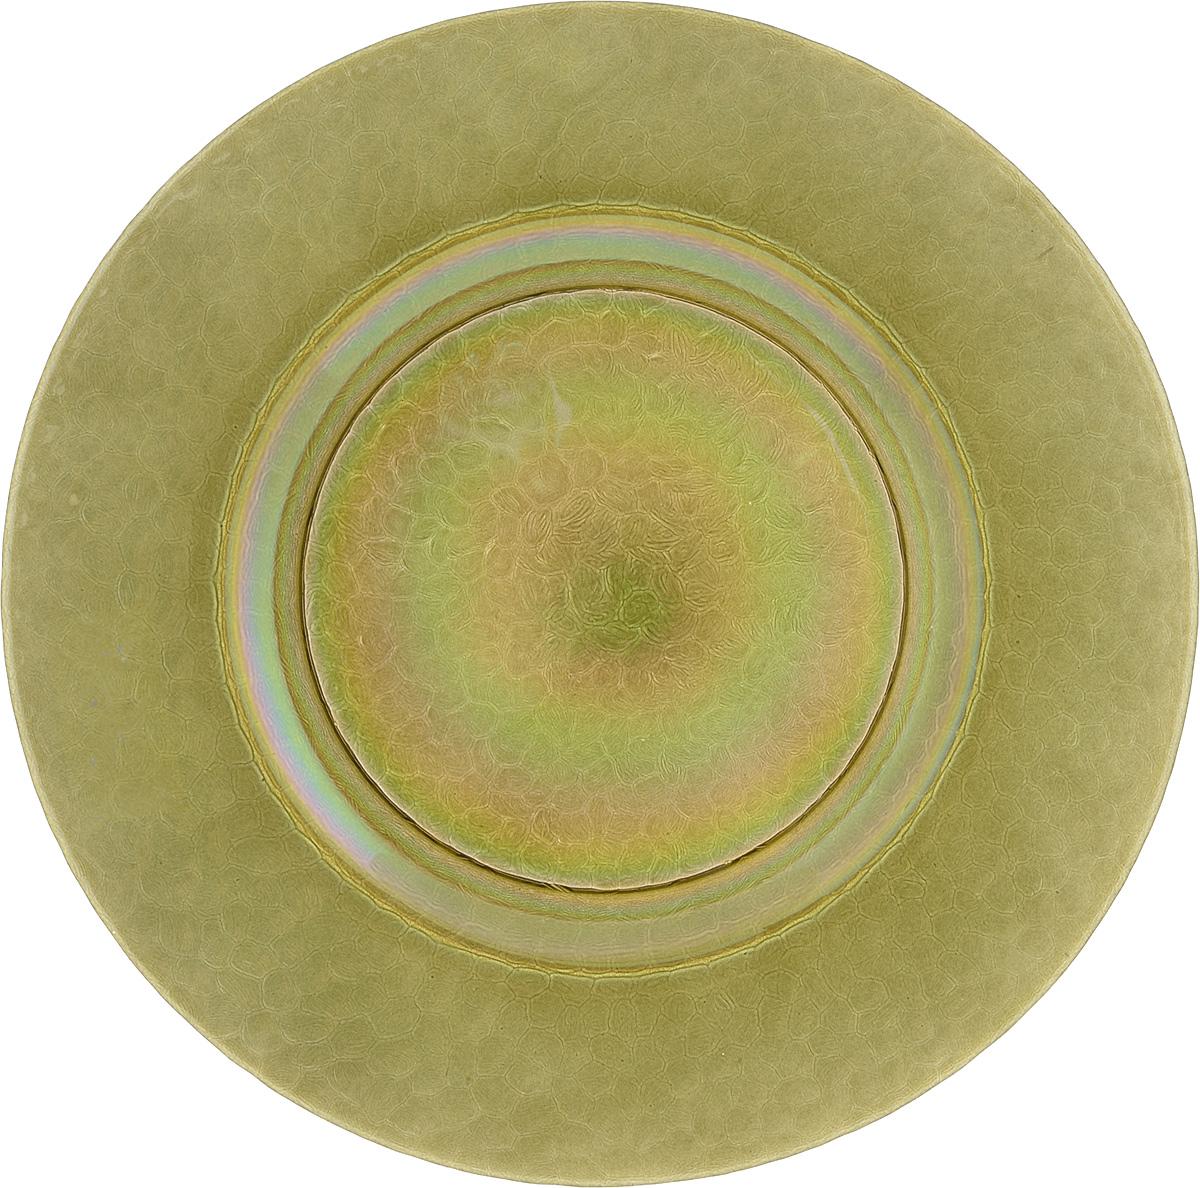 Тарелка NiNaGlass Богемия, цвет: оливковый, диаметр 32,5 см83-056-Ф320 ИТОМТарелка NiNaGlass Богемия выполнена из высококачественного стекла. Она прекрасно впишется в интерьер вашей кухни и станет достойным дополнением к кухонному инвентарю.Не рекомендуется использовать в микроволновой печи и мыть в посудомоечной машине.